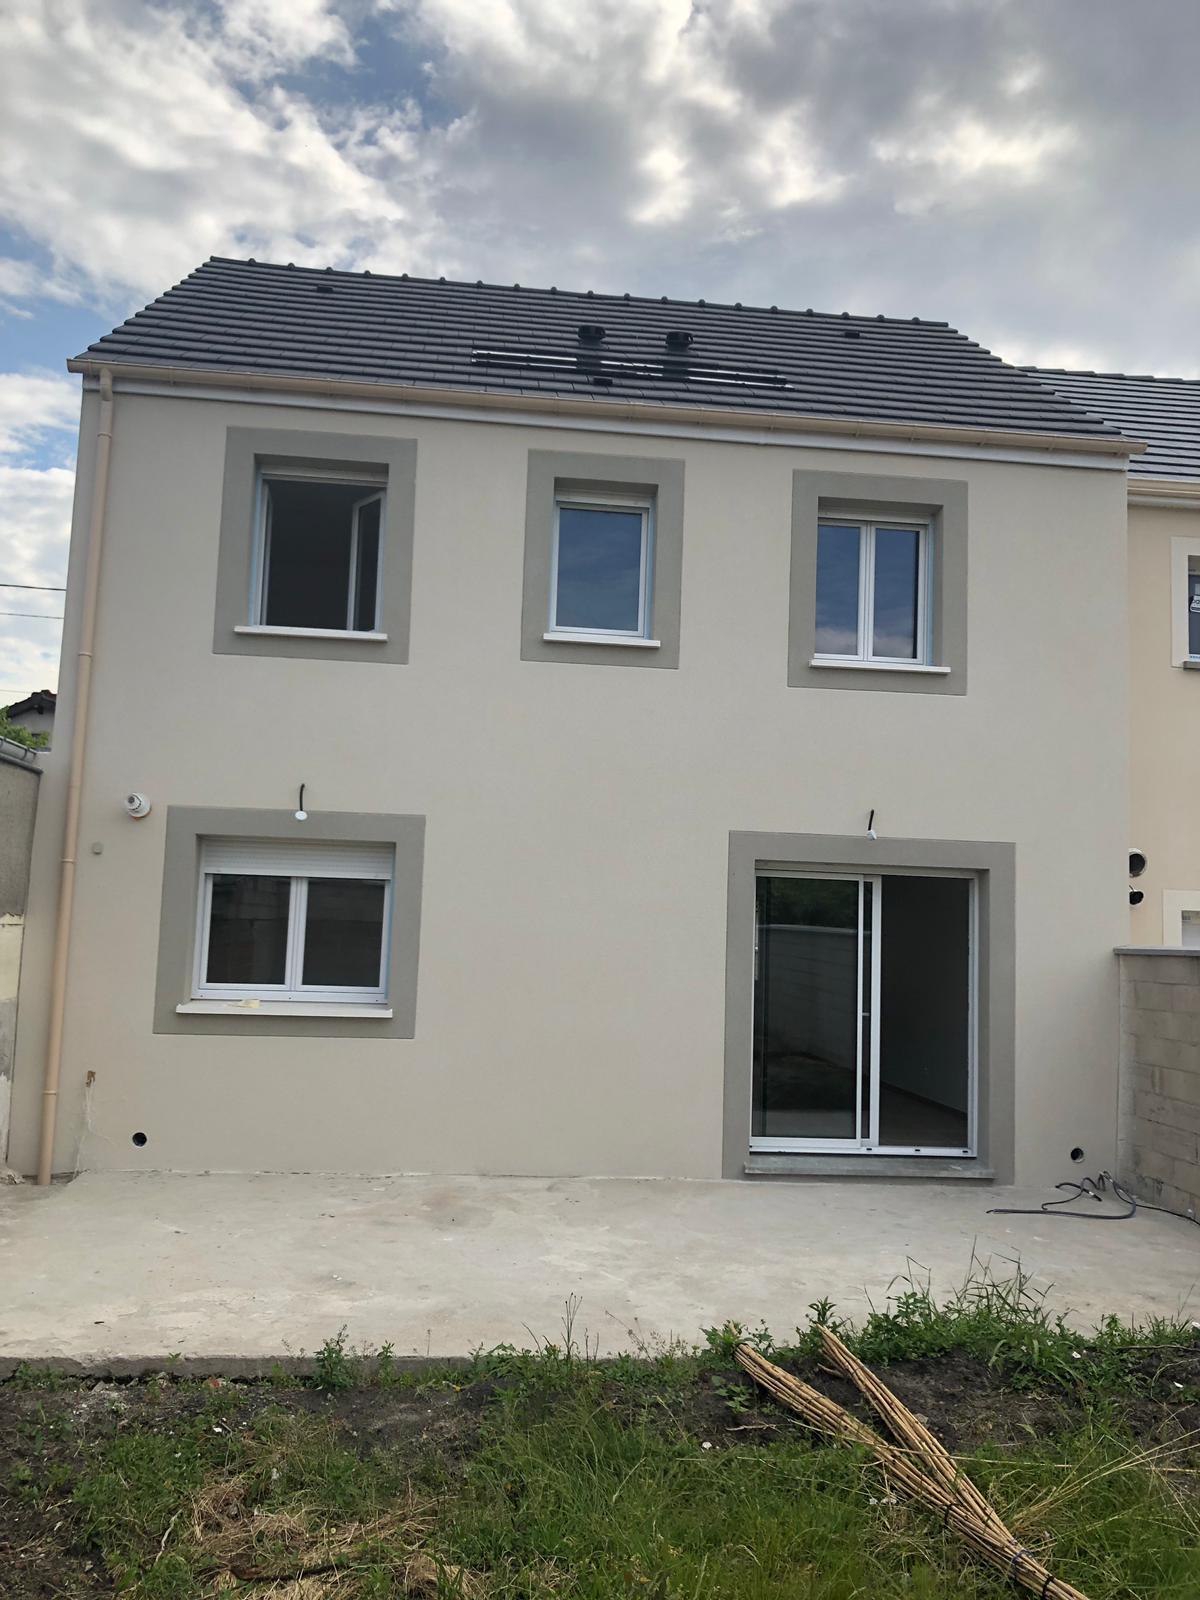 Maisons + Terrains du constructeur MAISONS SESAME • 68 m² • TREMBLAY EN FRANCE